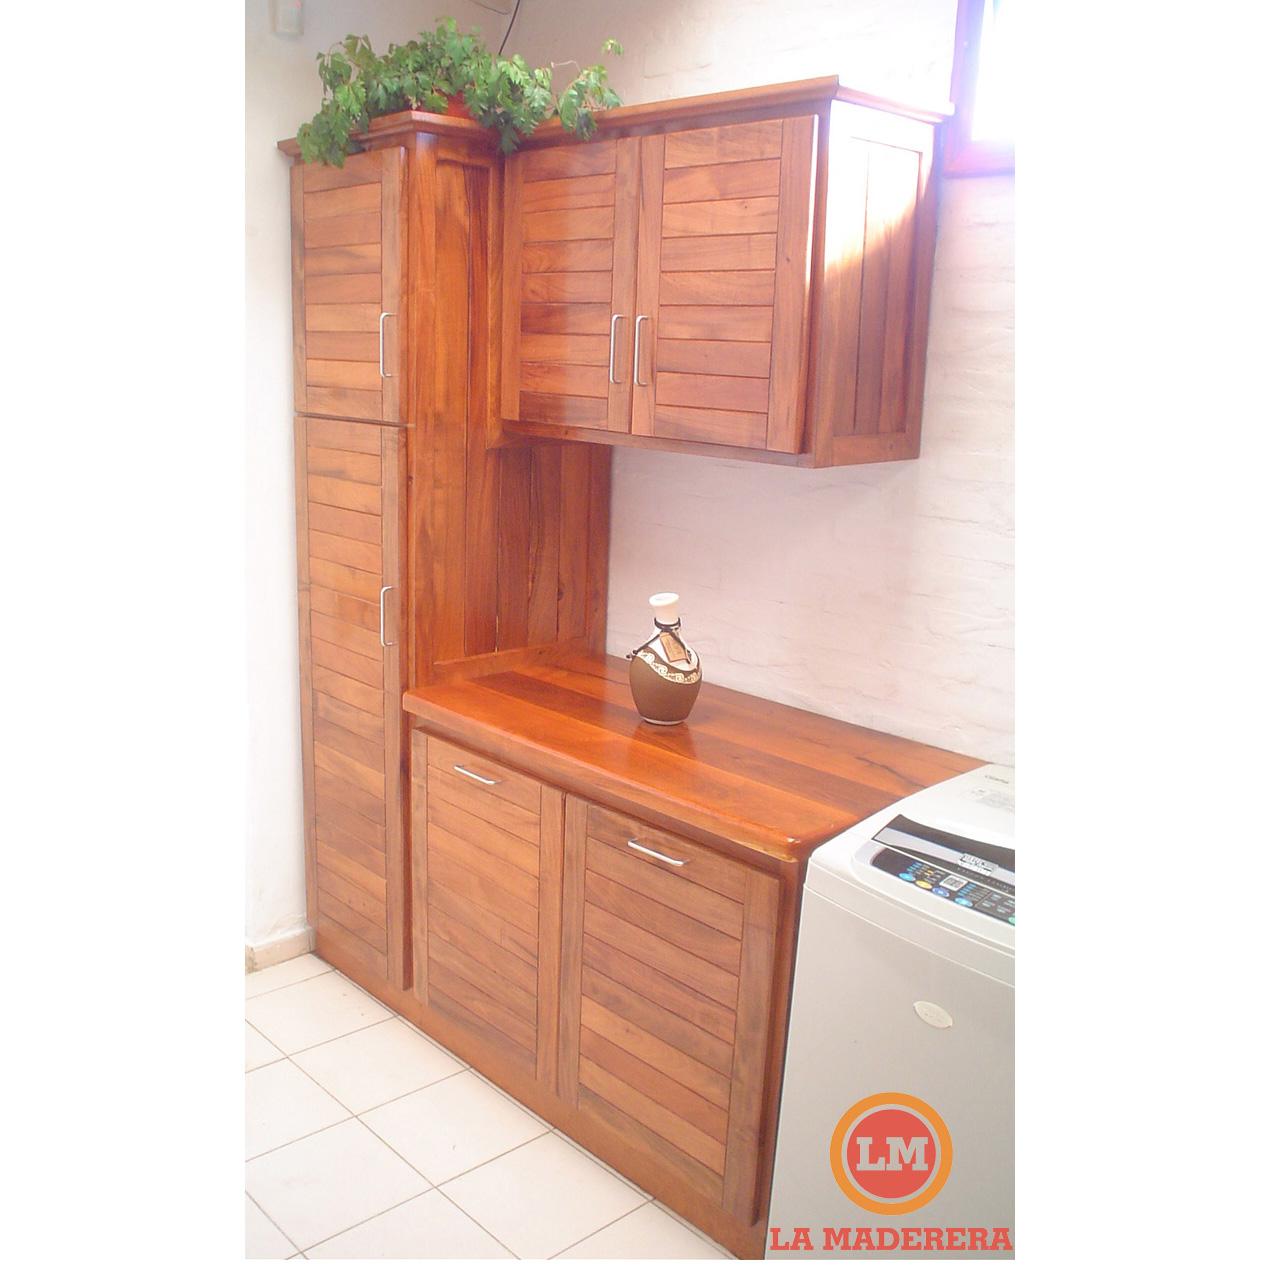 Bajo mesadas y alacenas en quebracho colorado nuevo la for Muebles de cocina para montar